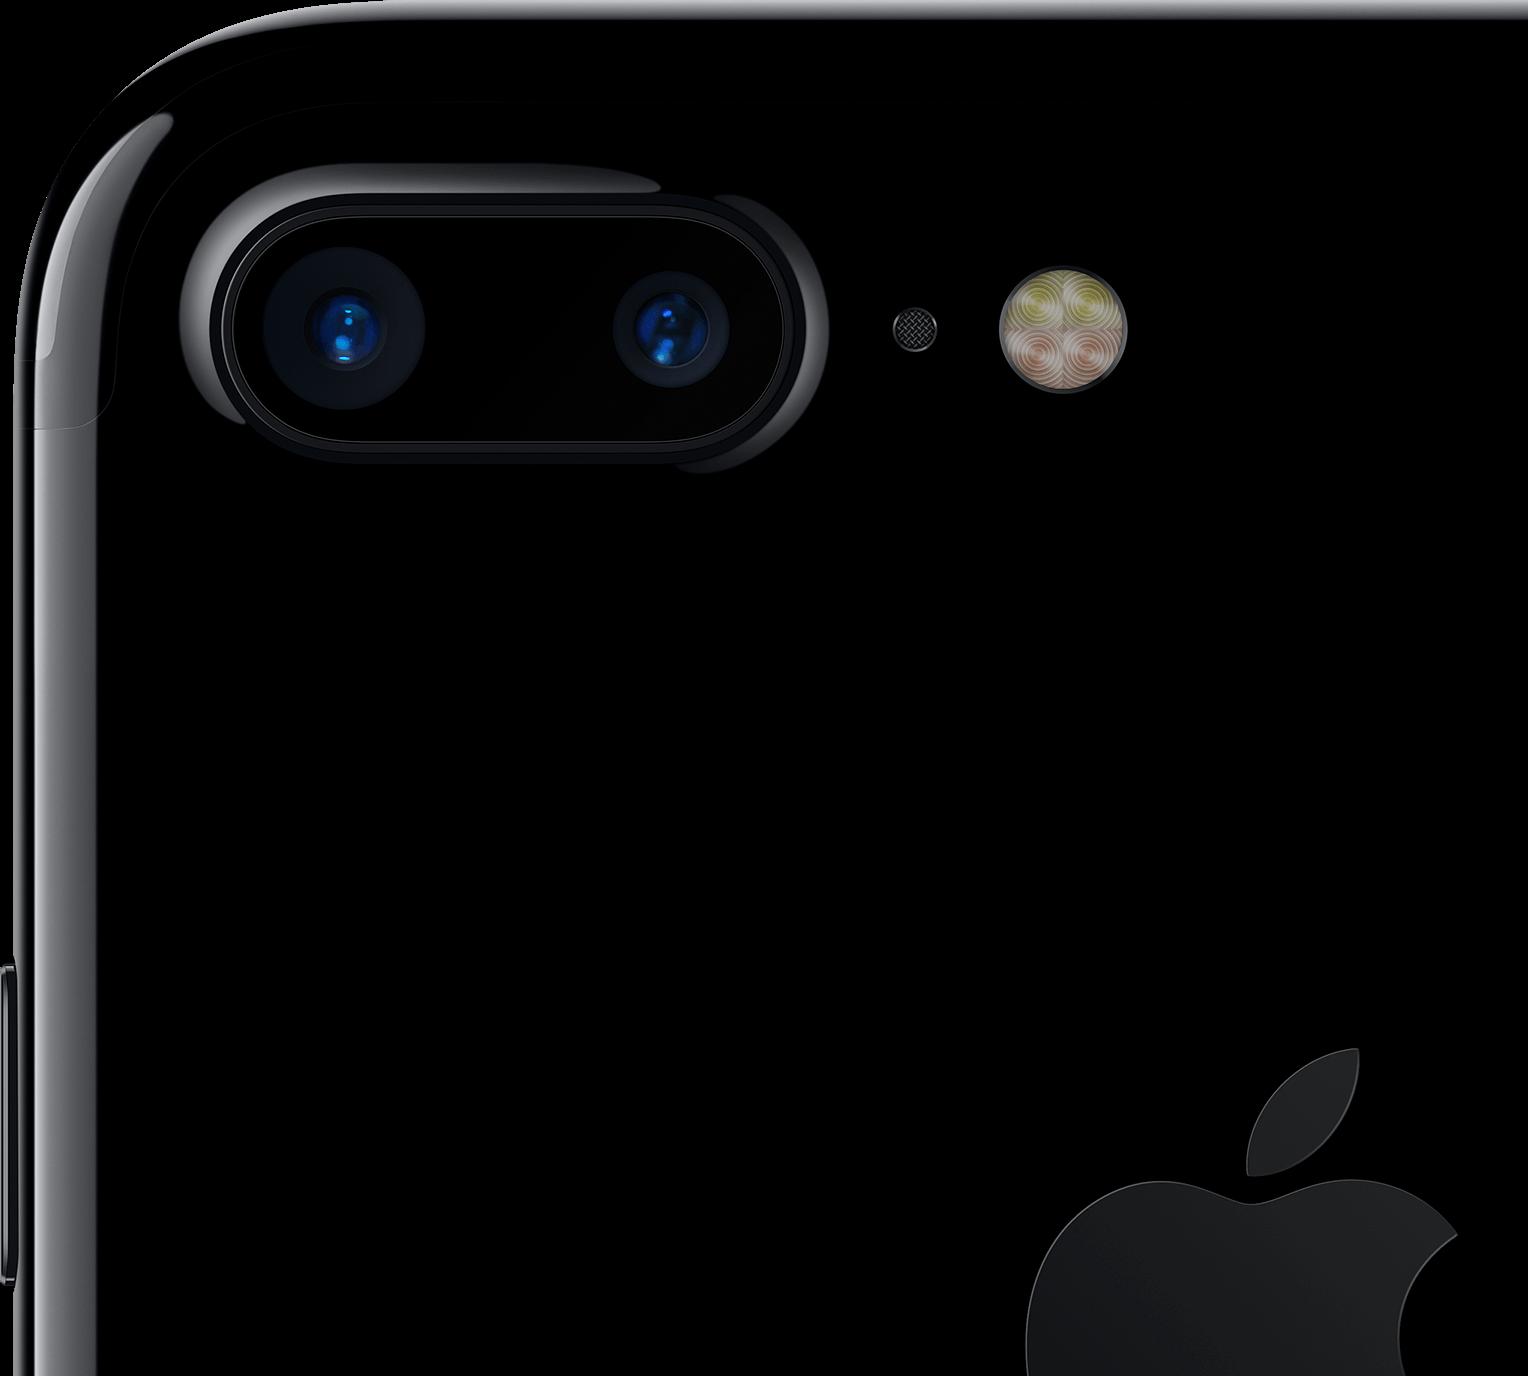 Zwei Kameras, die wie eine funktionieren.